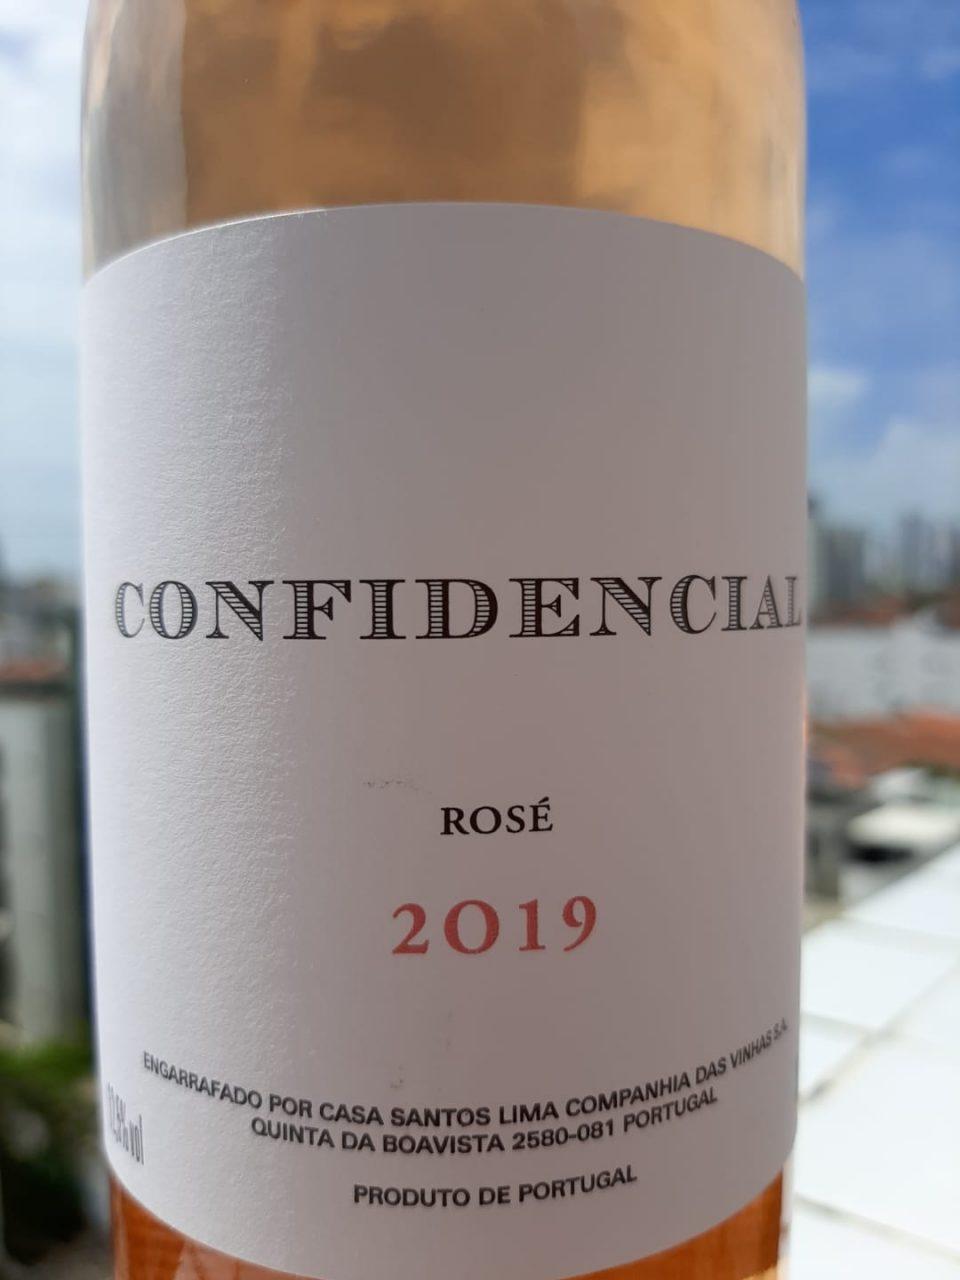 WhatsApp Image 2021 08 26 at 09.46.39 2 scaled - Sommelier Luiz Jr. realiza Curso Degustação de Vinhos em João Pessoa; saiba como se inscrever